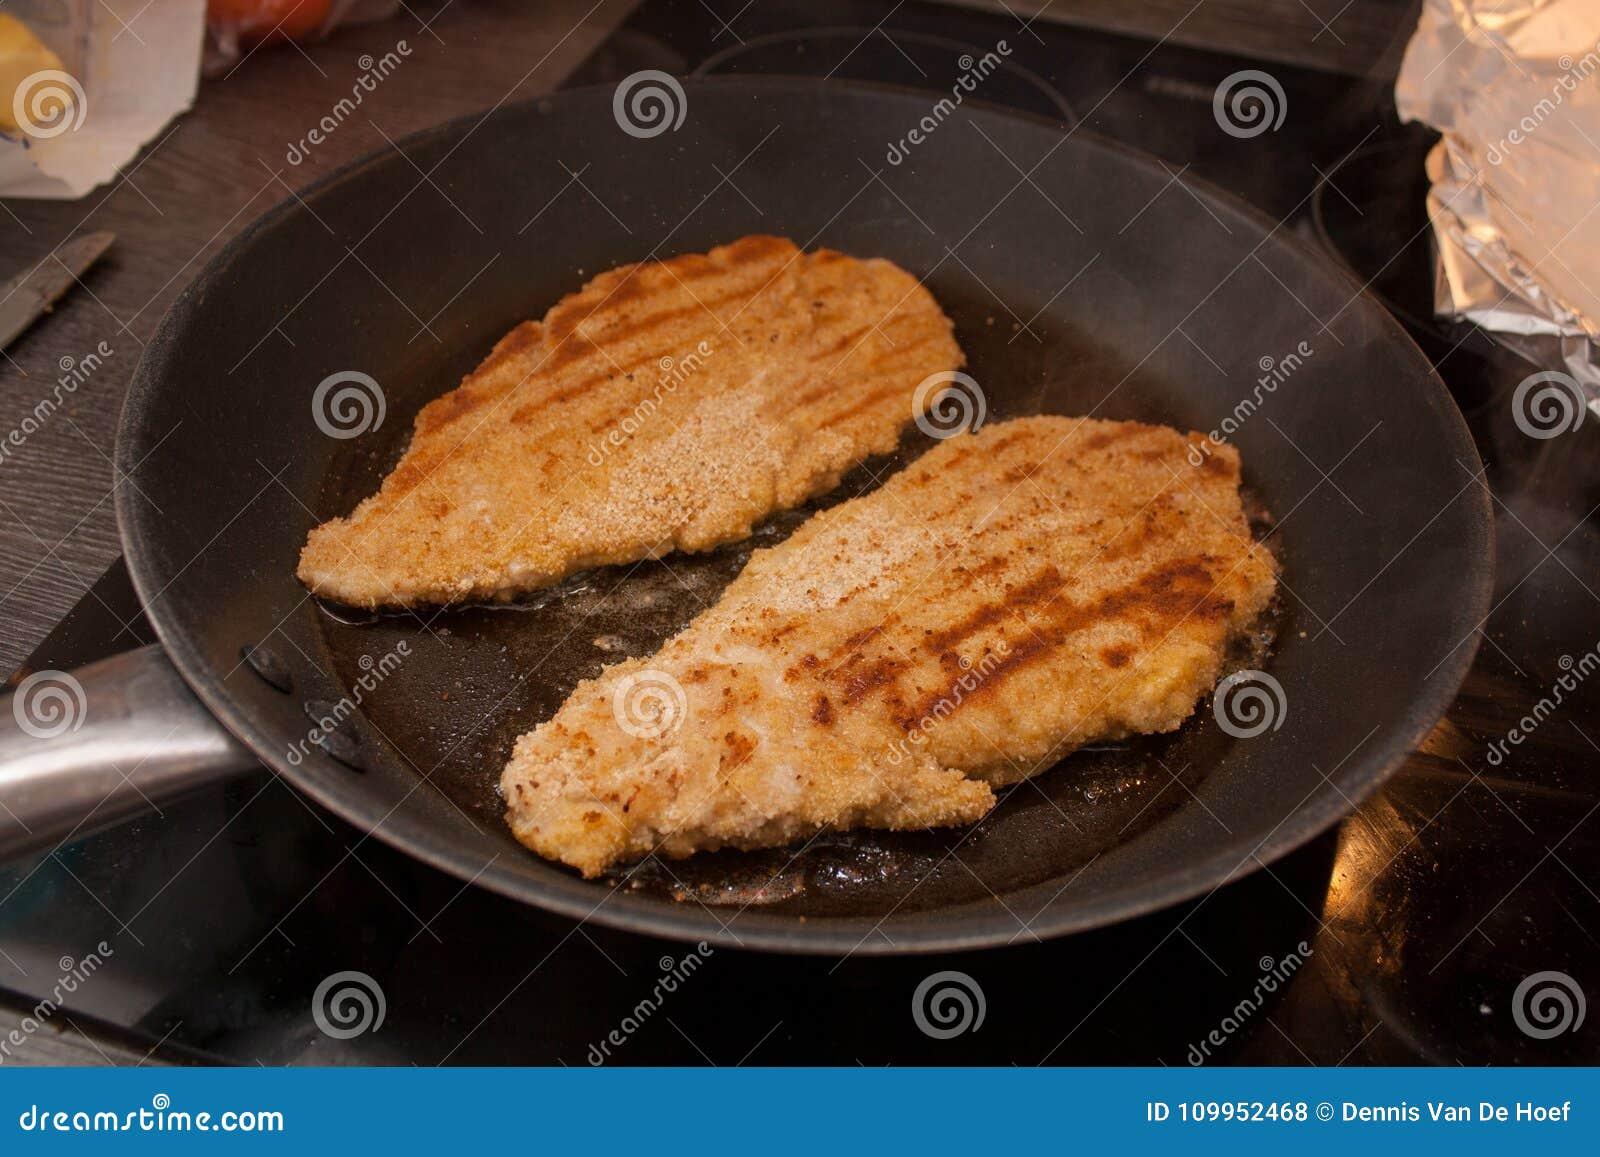 Roasting a wiener schnitzel in a pan.